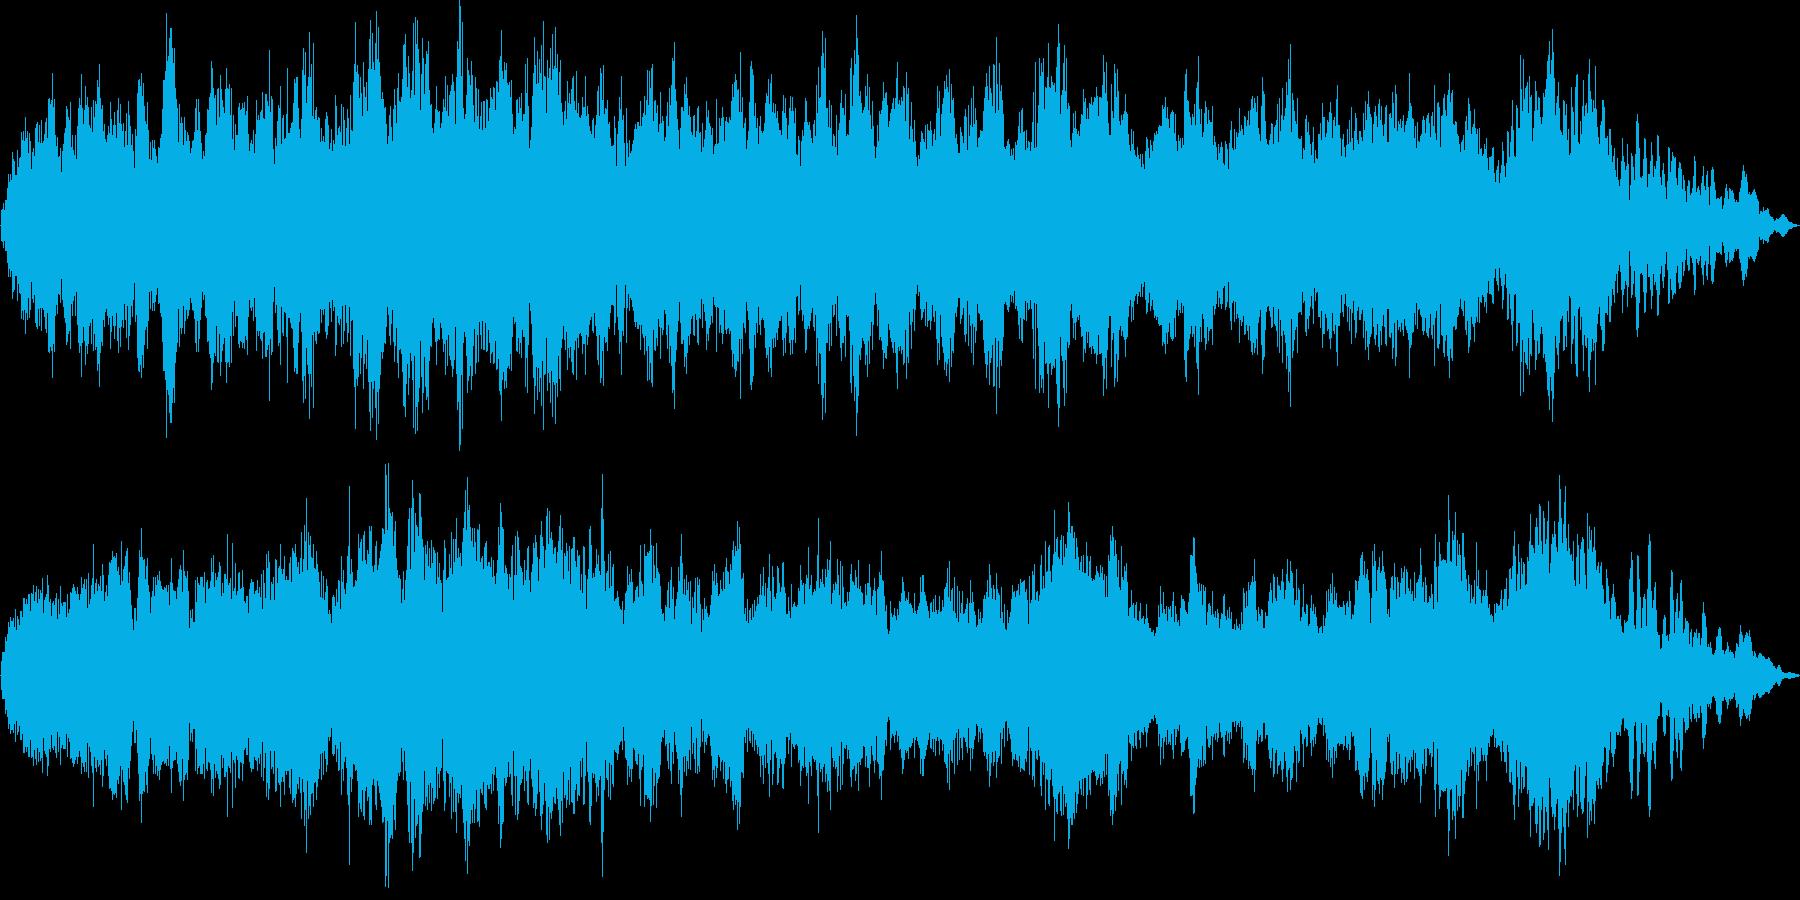 恐怖や不安に満ちた不気味なBGMの再生済みの波形